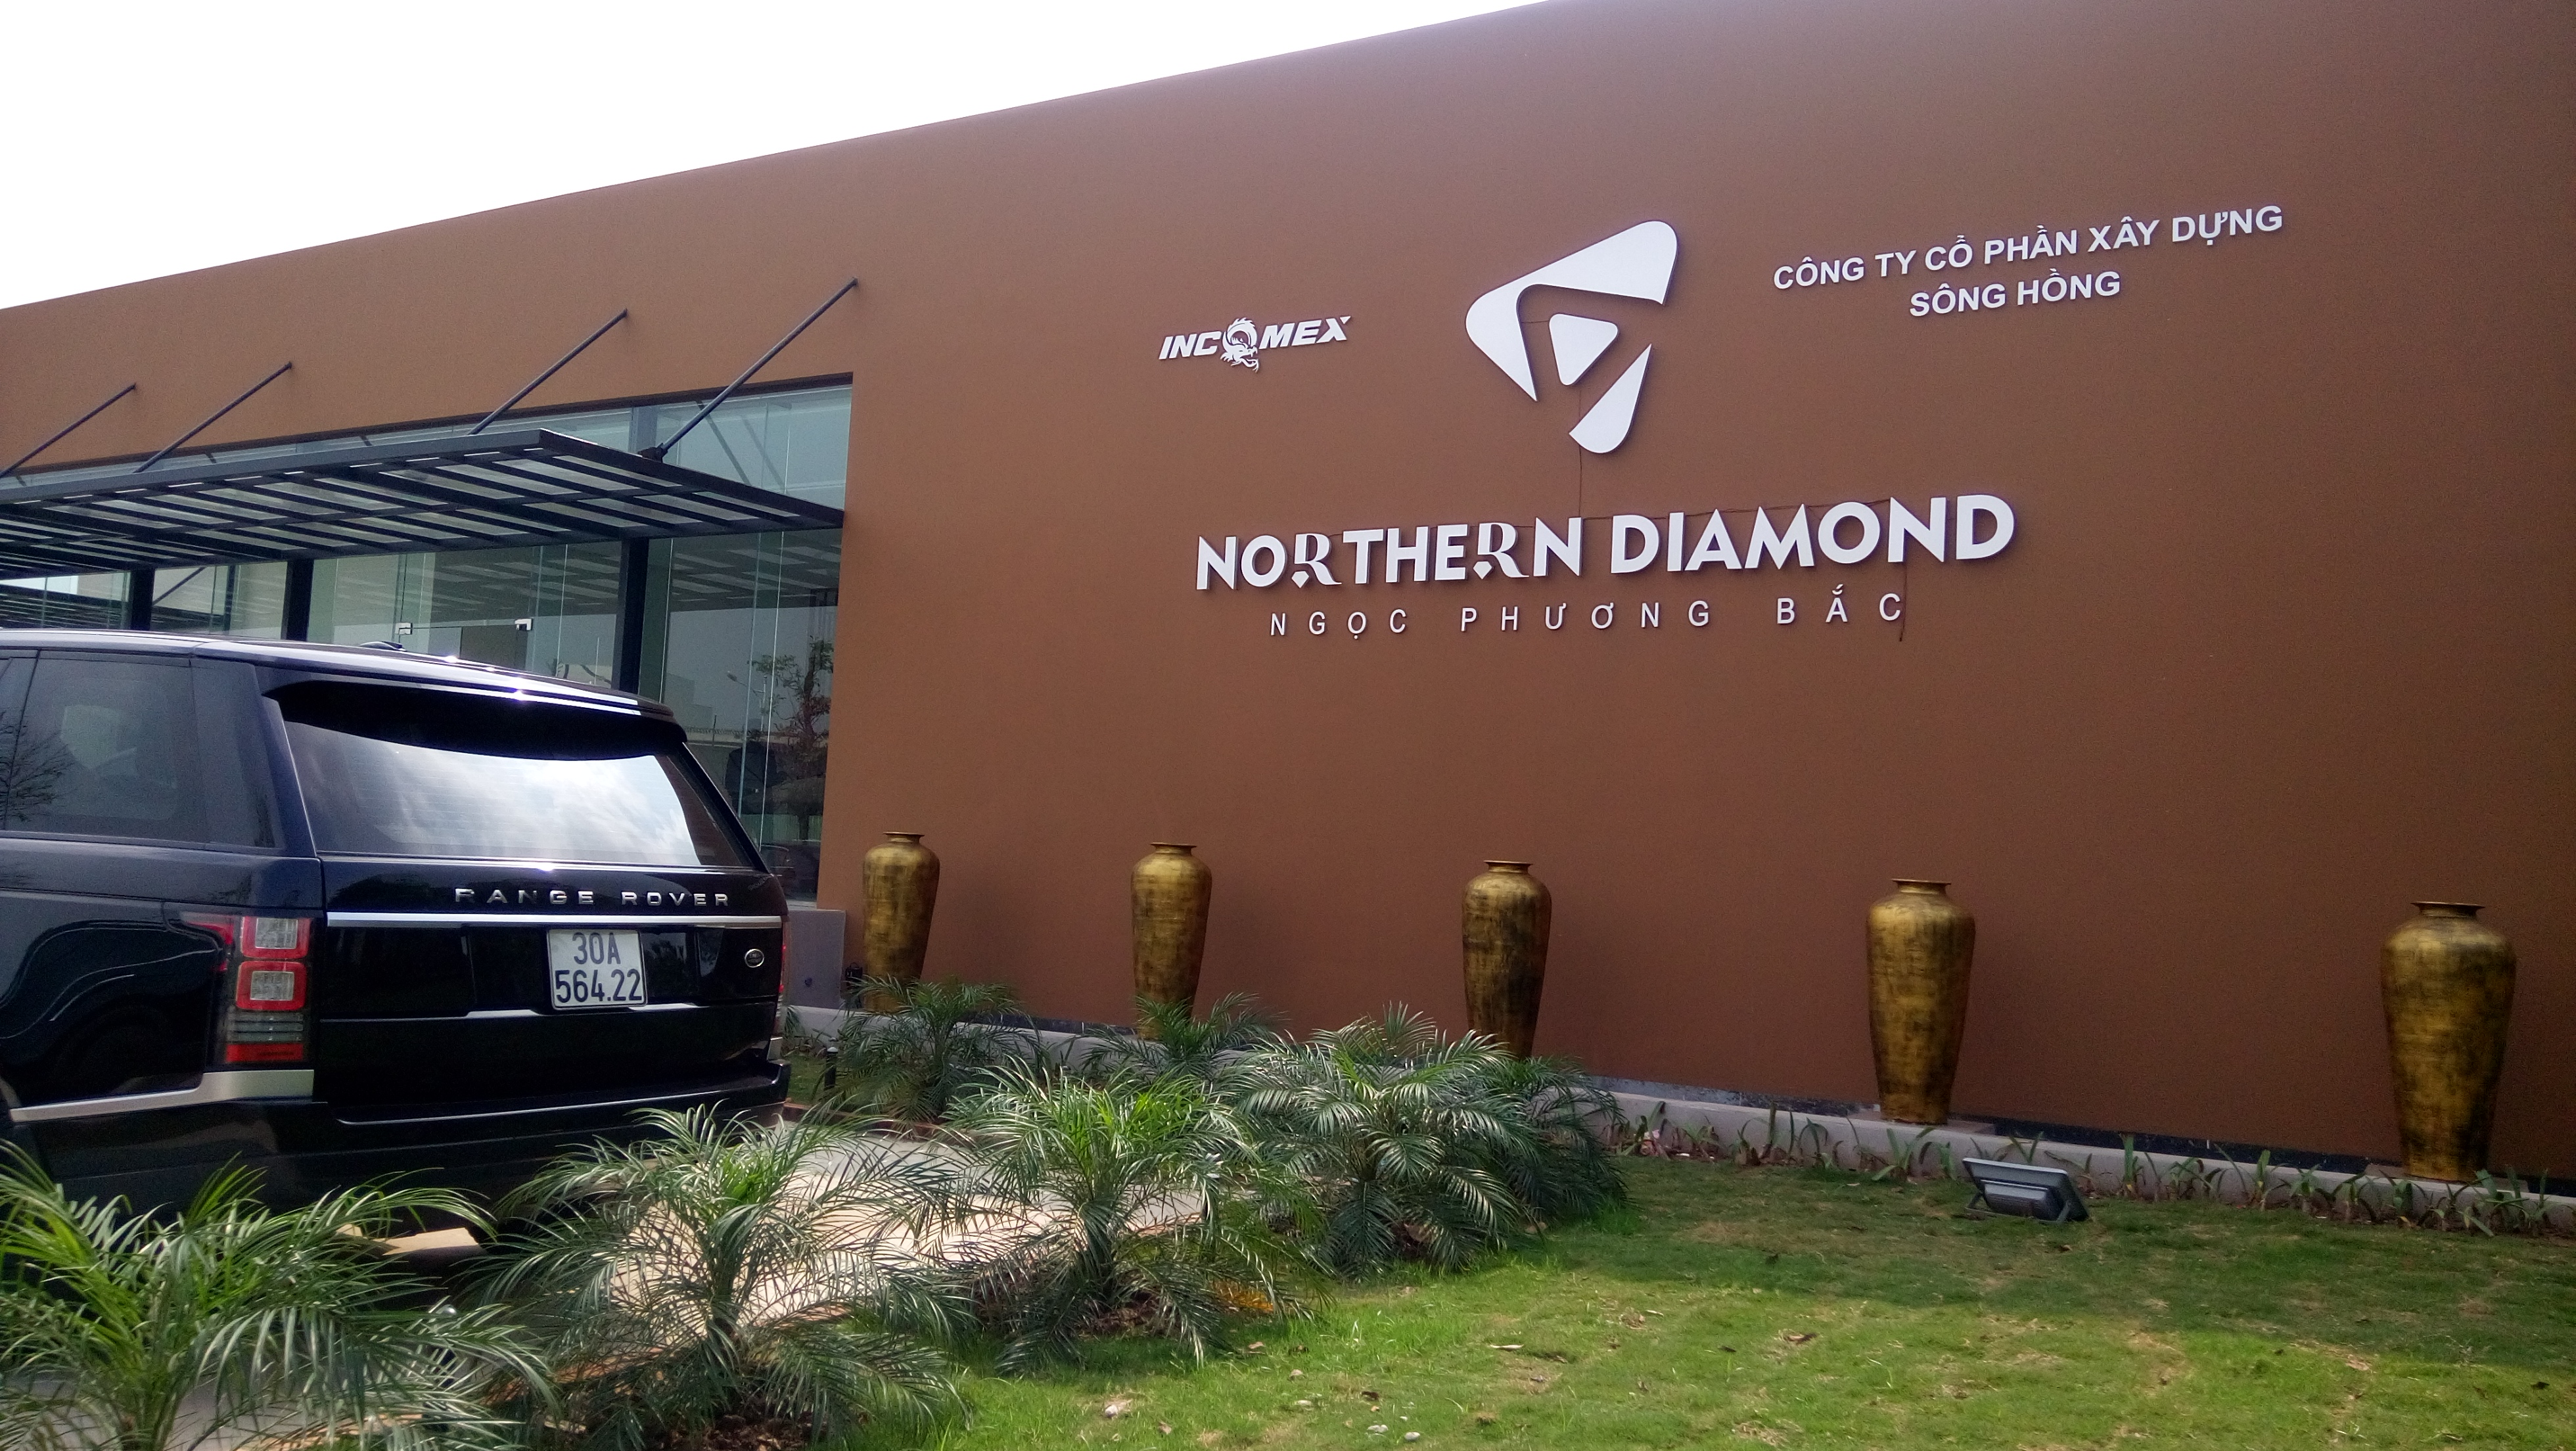 Nhà mẫu Chung cư Northern Diamond Ngọc Phương Bắc